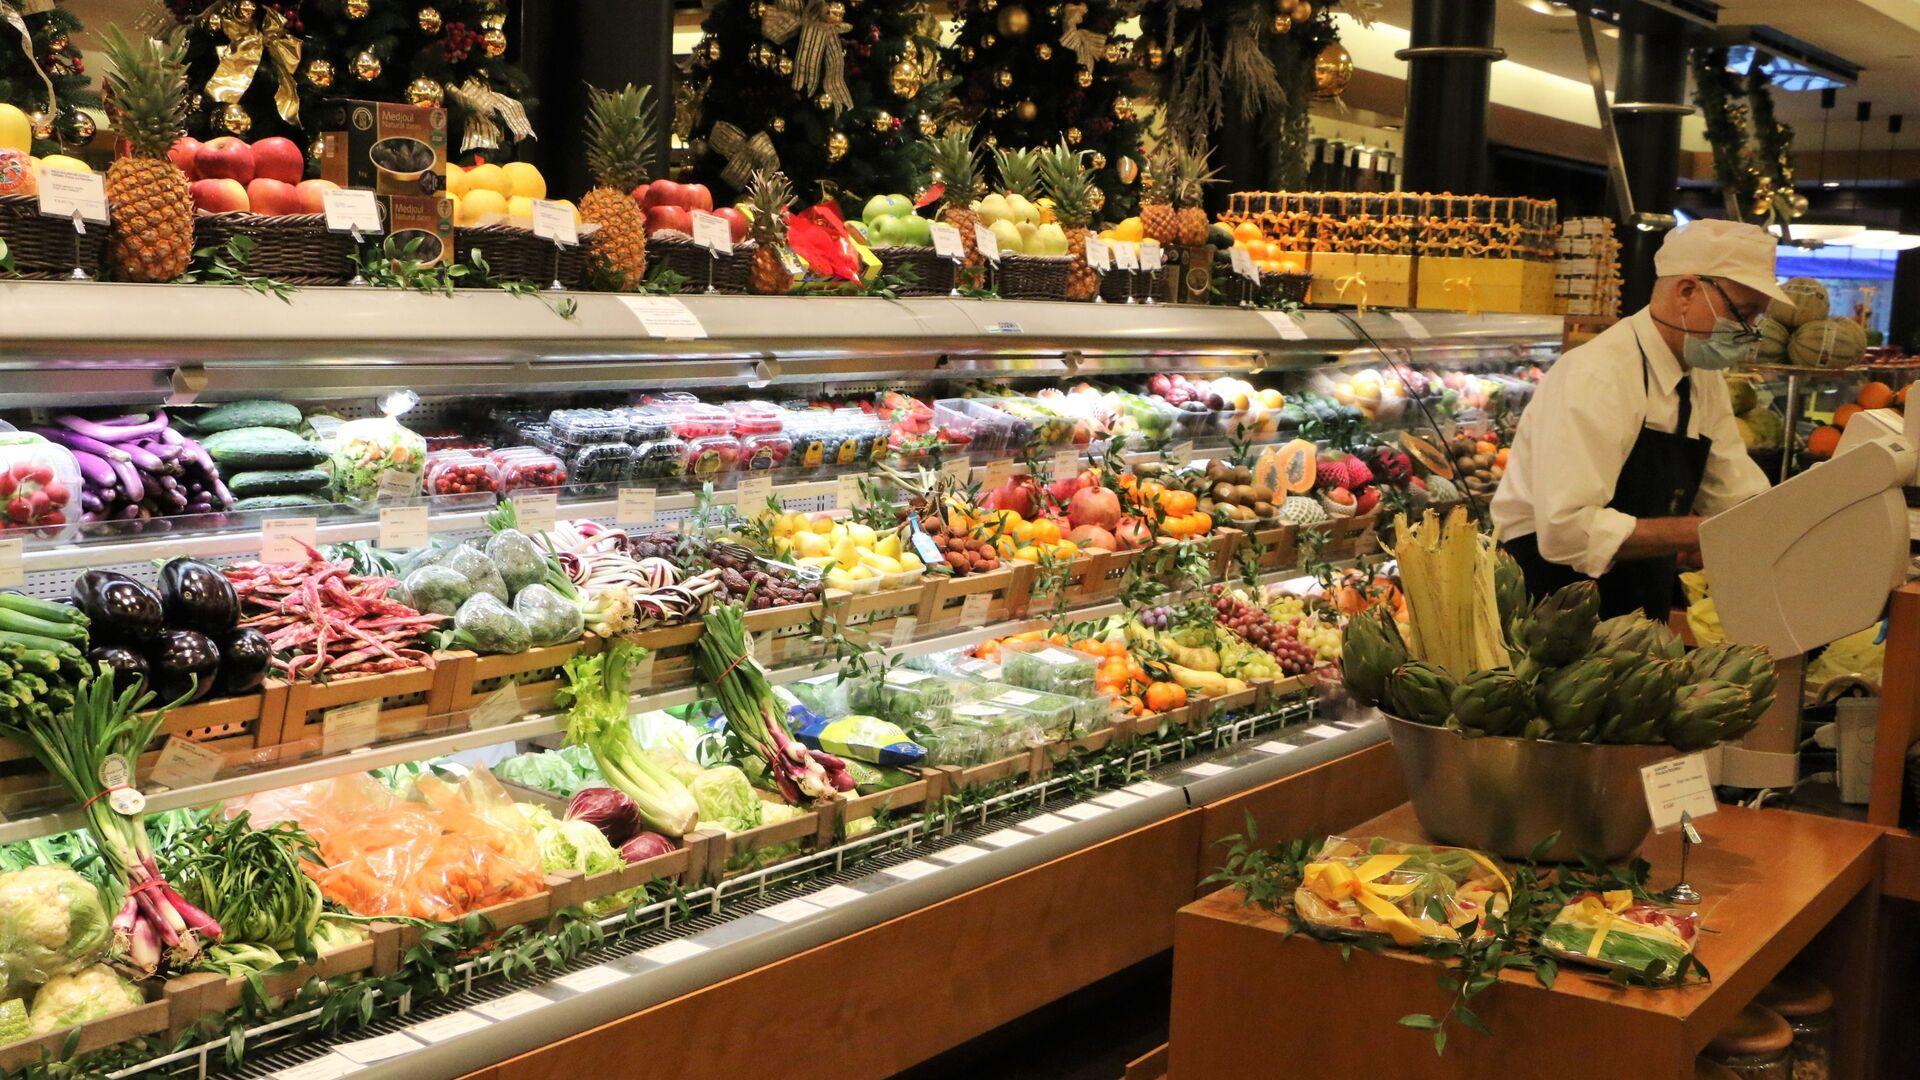 Banco di frutta e verdura in un supermercato - Sputnik Italia, 1920, 13.02.2021